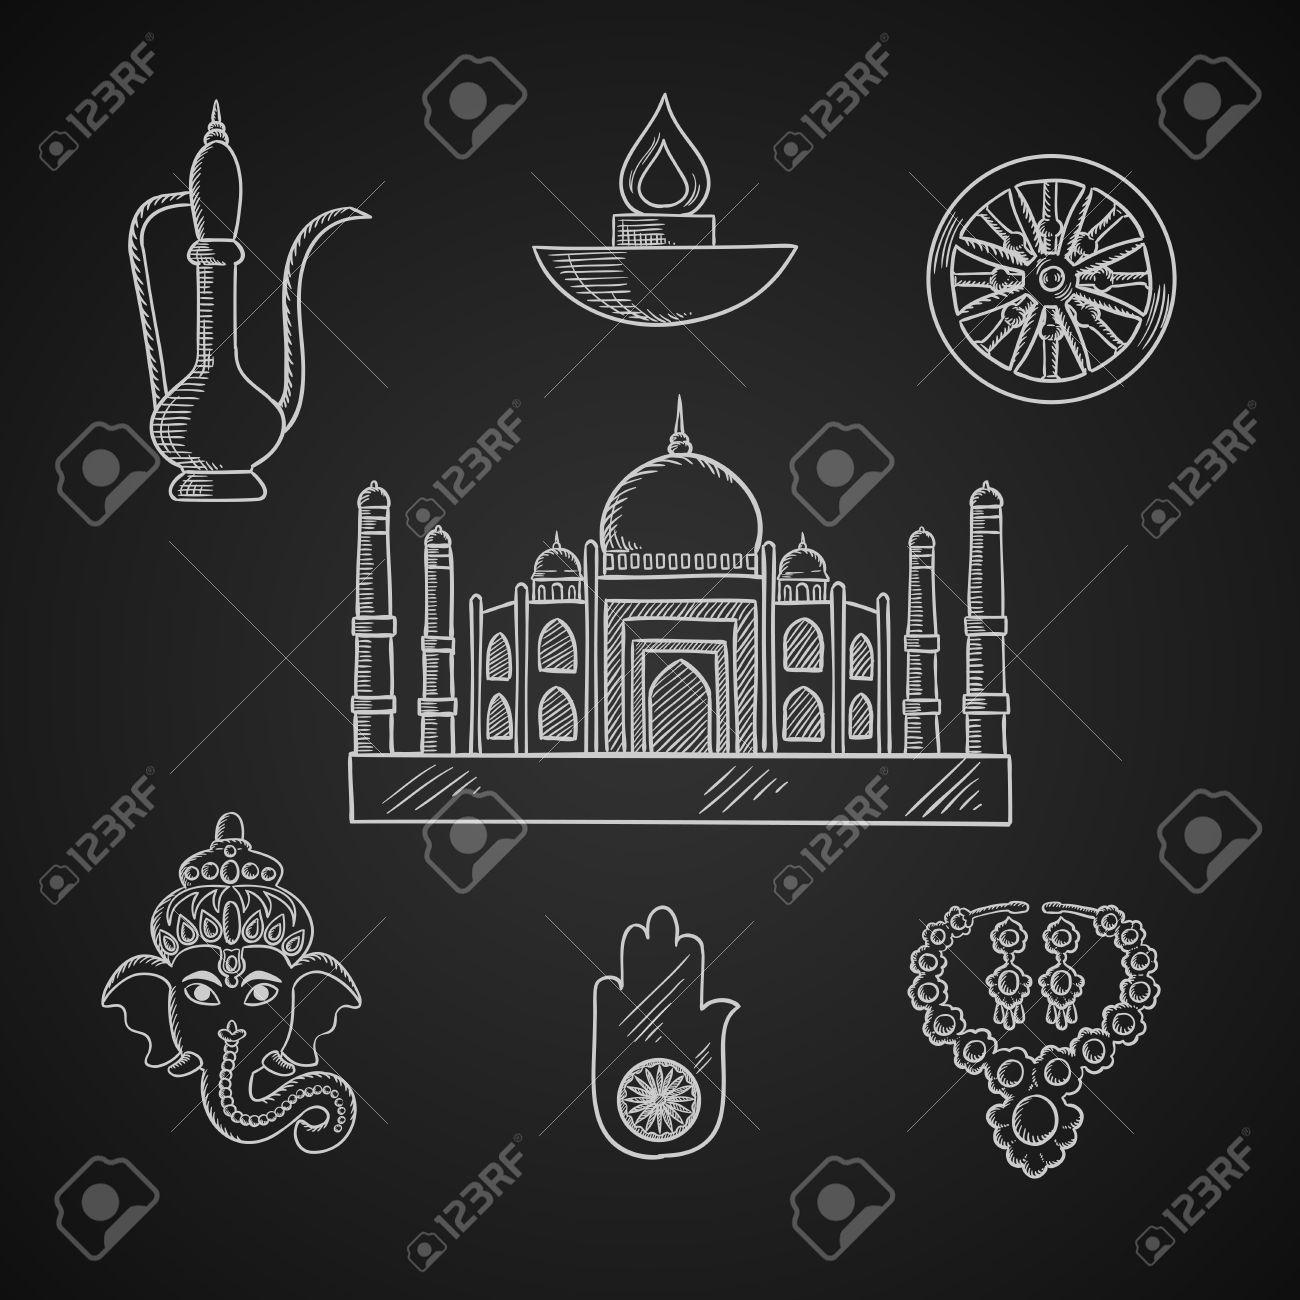 Indian Religion And Culture Symbols With Ganesha God Ashoka